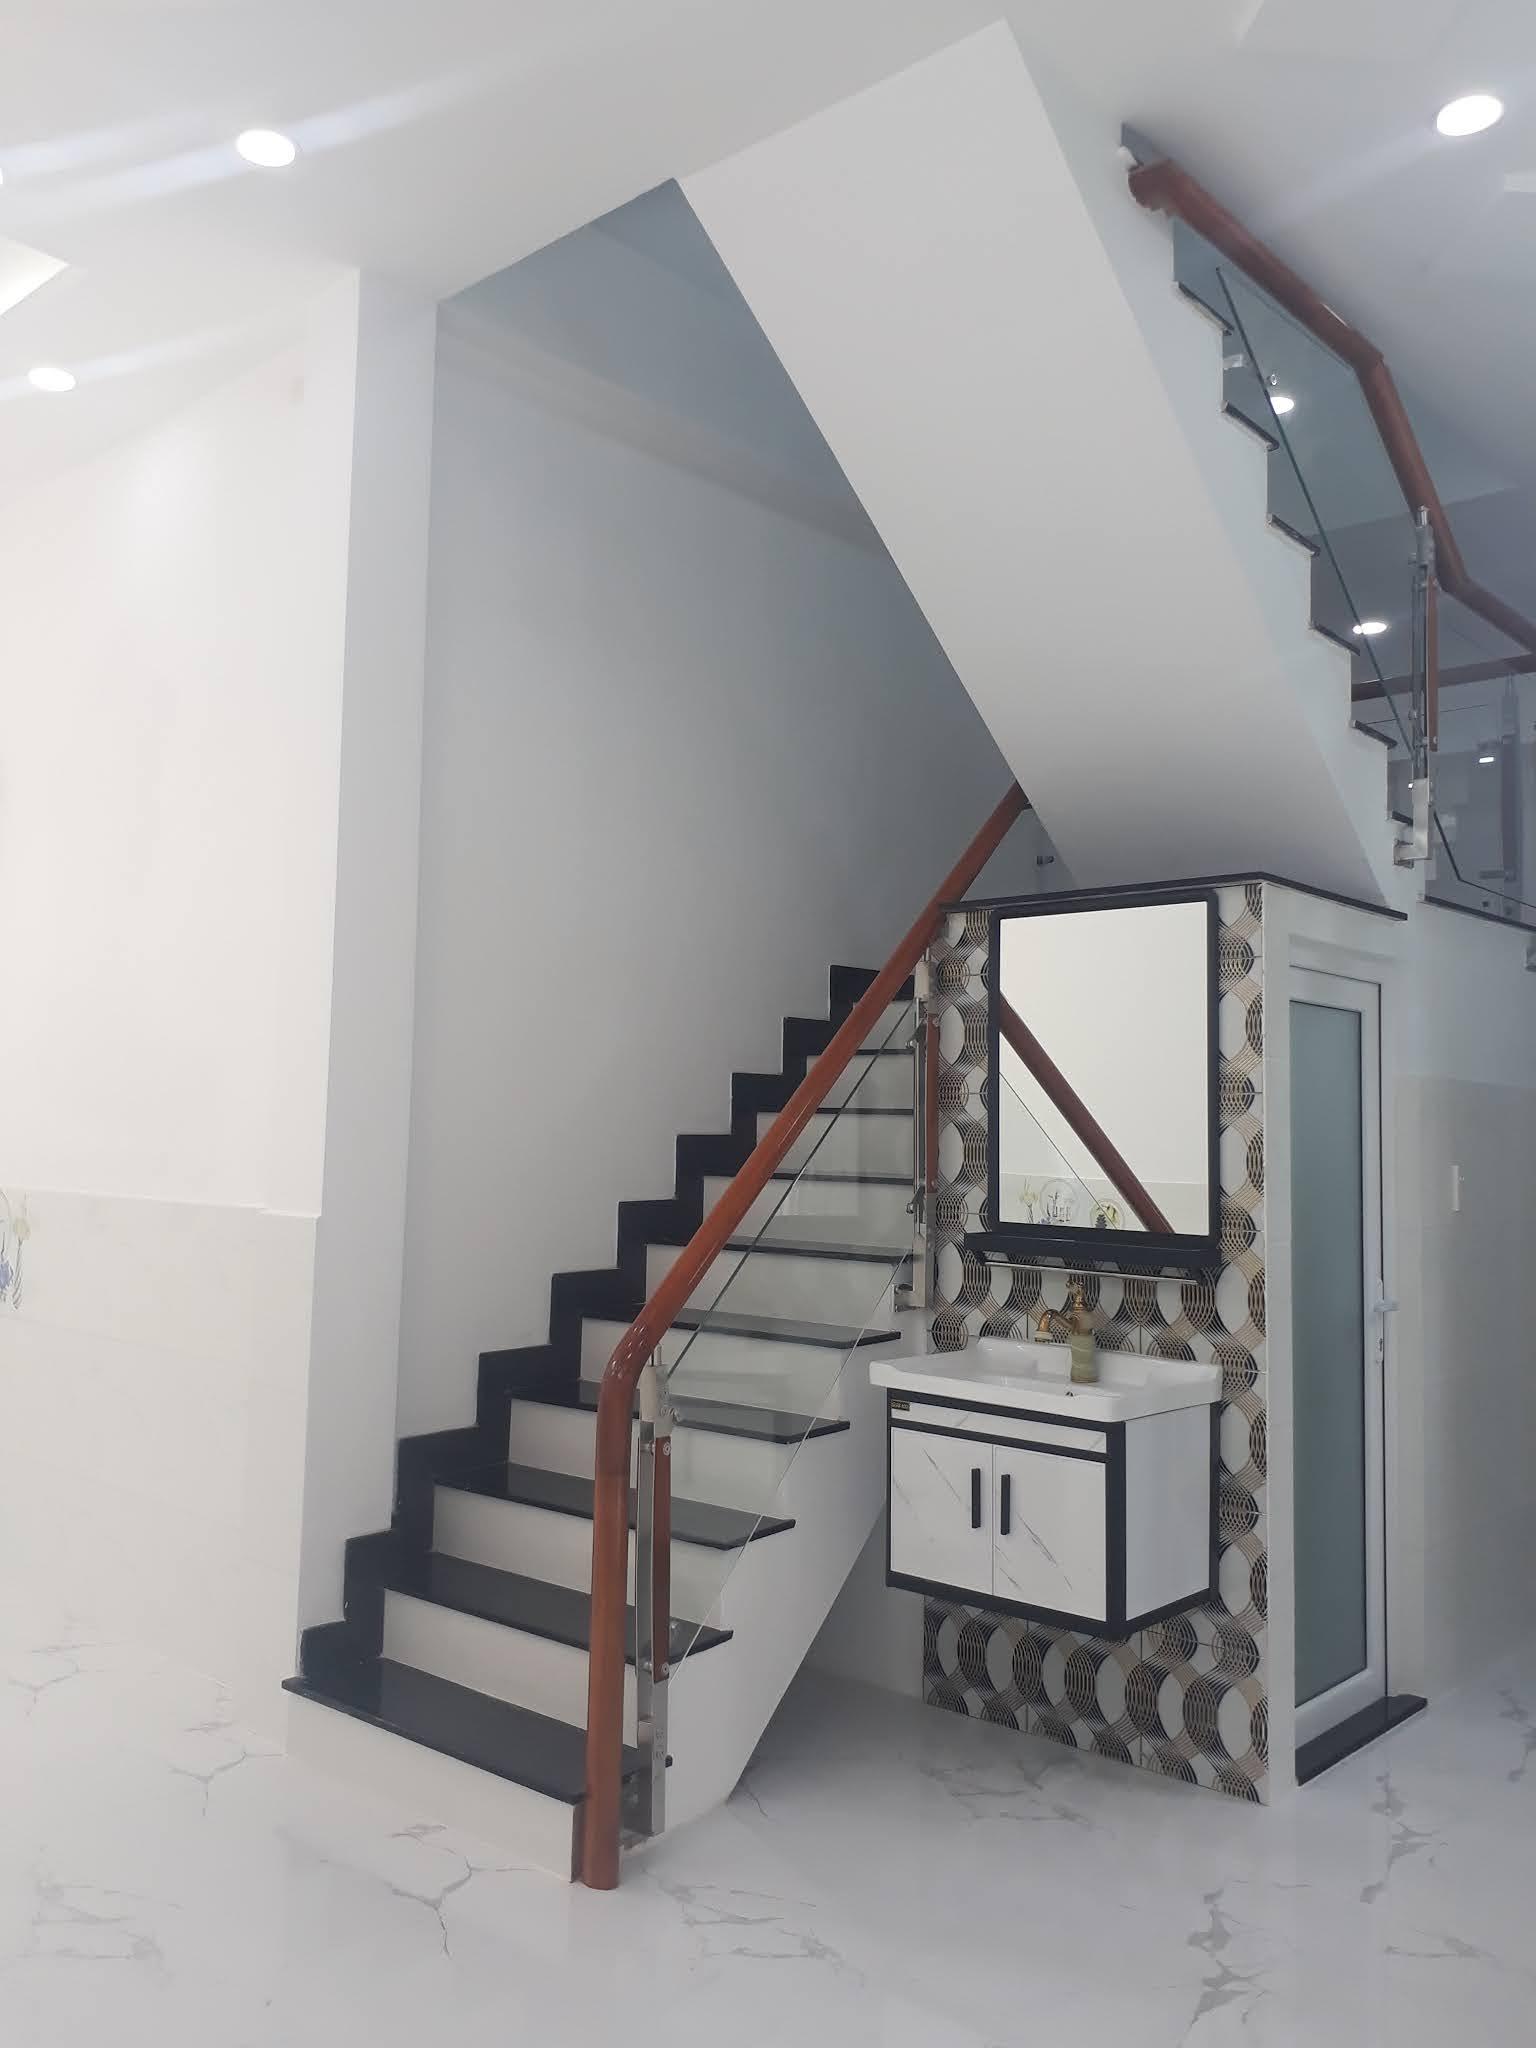 Bán nhà mới xây khu Xóm đạo đường Phạm Thế Hiển phường 7 Quận 8 giá rẻ